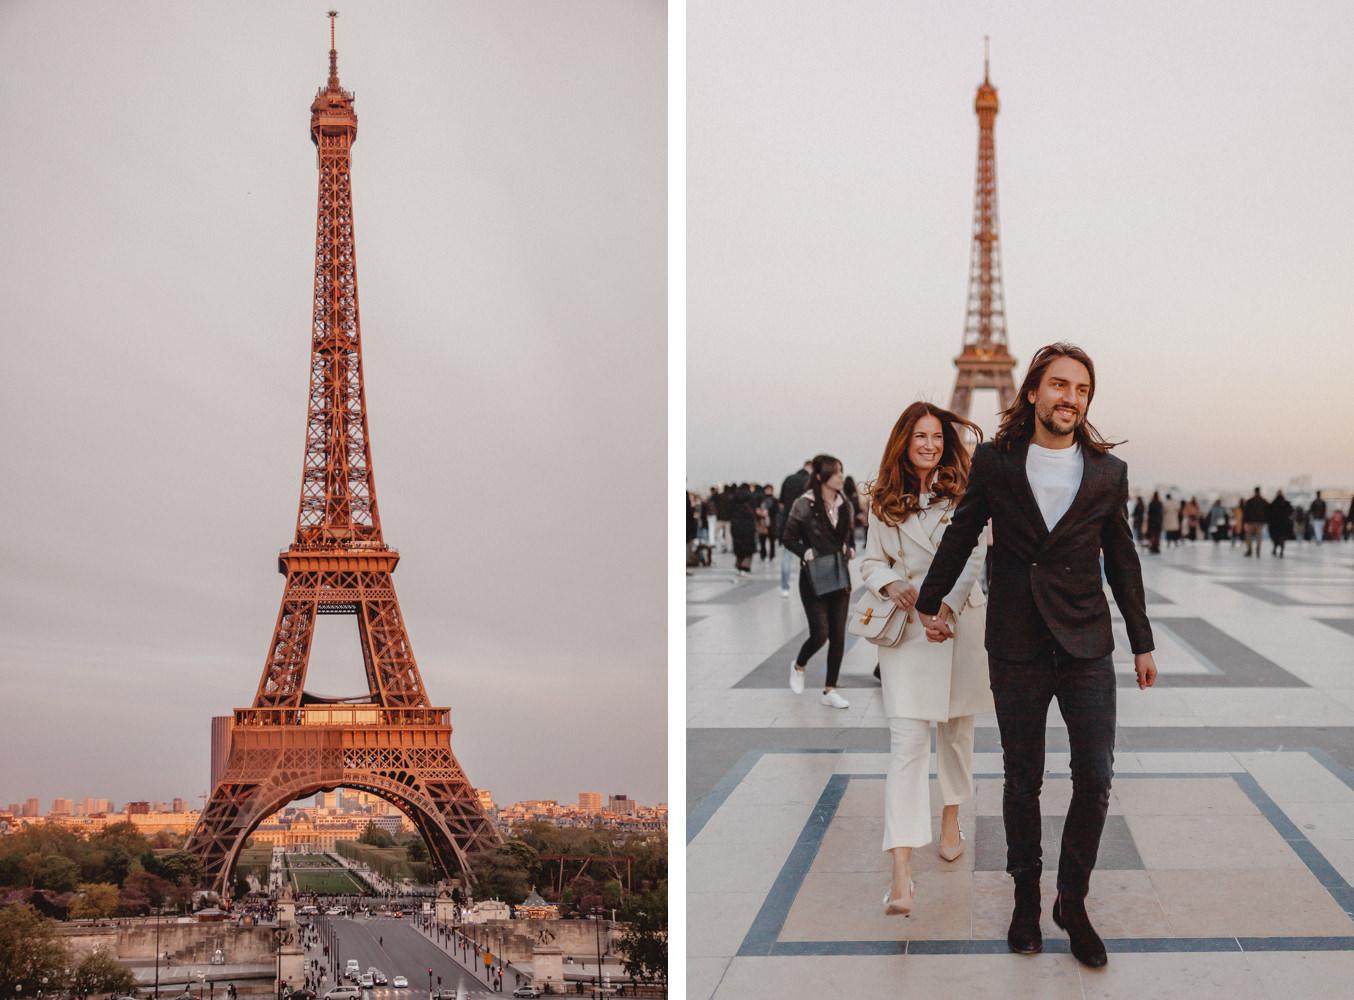 Lena_Terlutter_Paris_8285